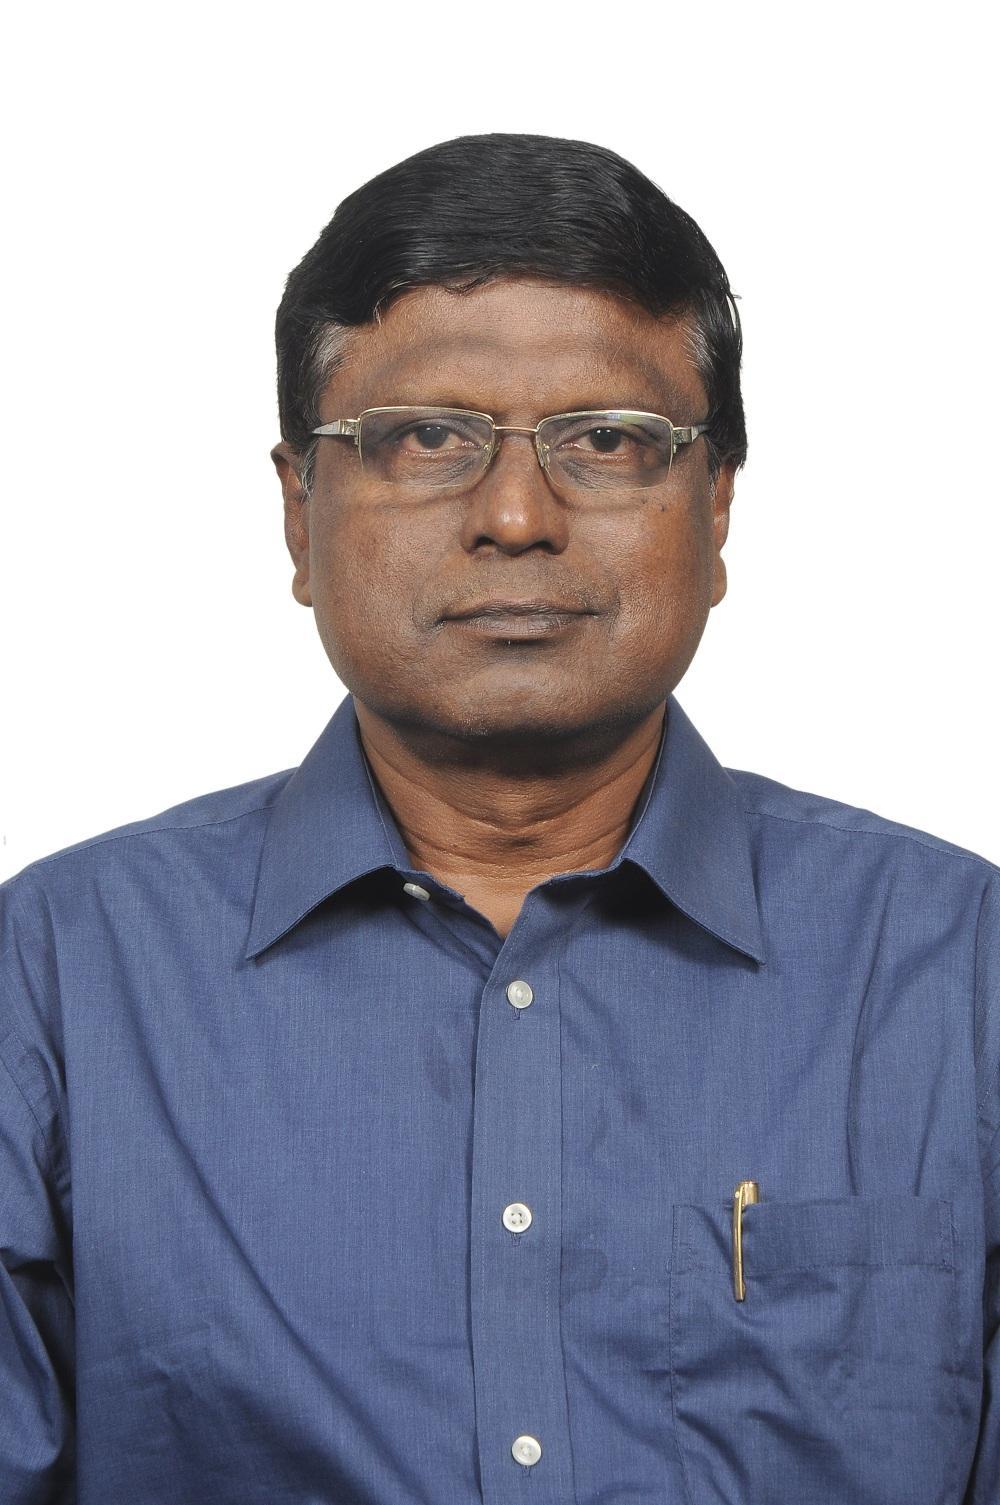 ஆனந்த் மோசஸ், சர்க்கரைநோய் மருத்துவர்